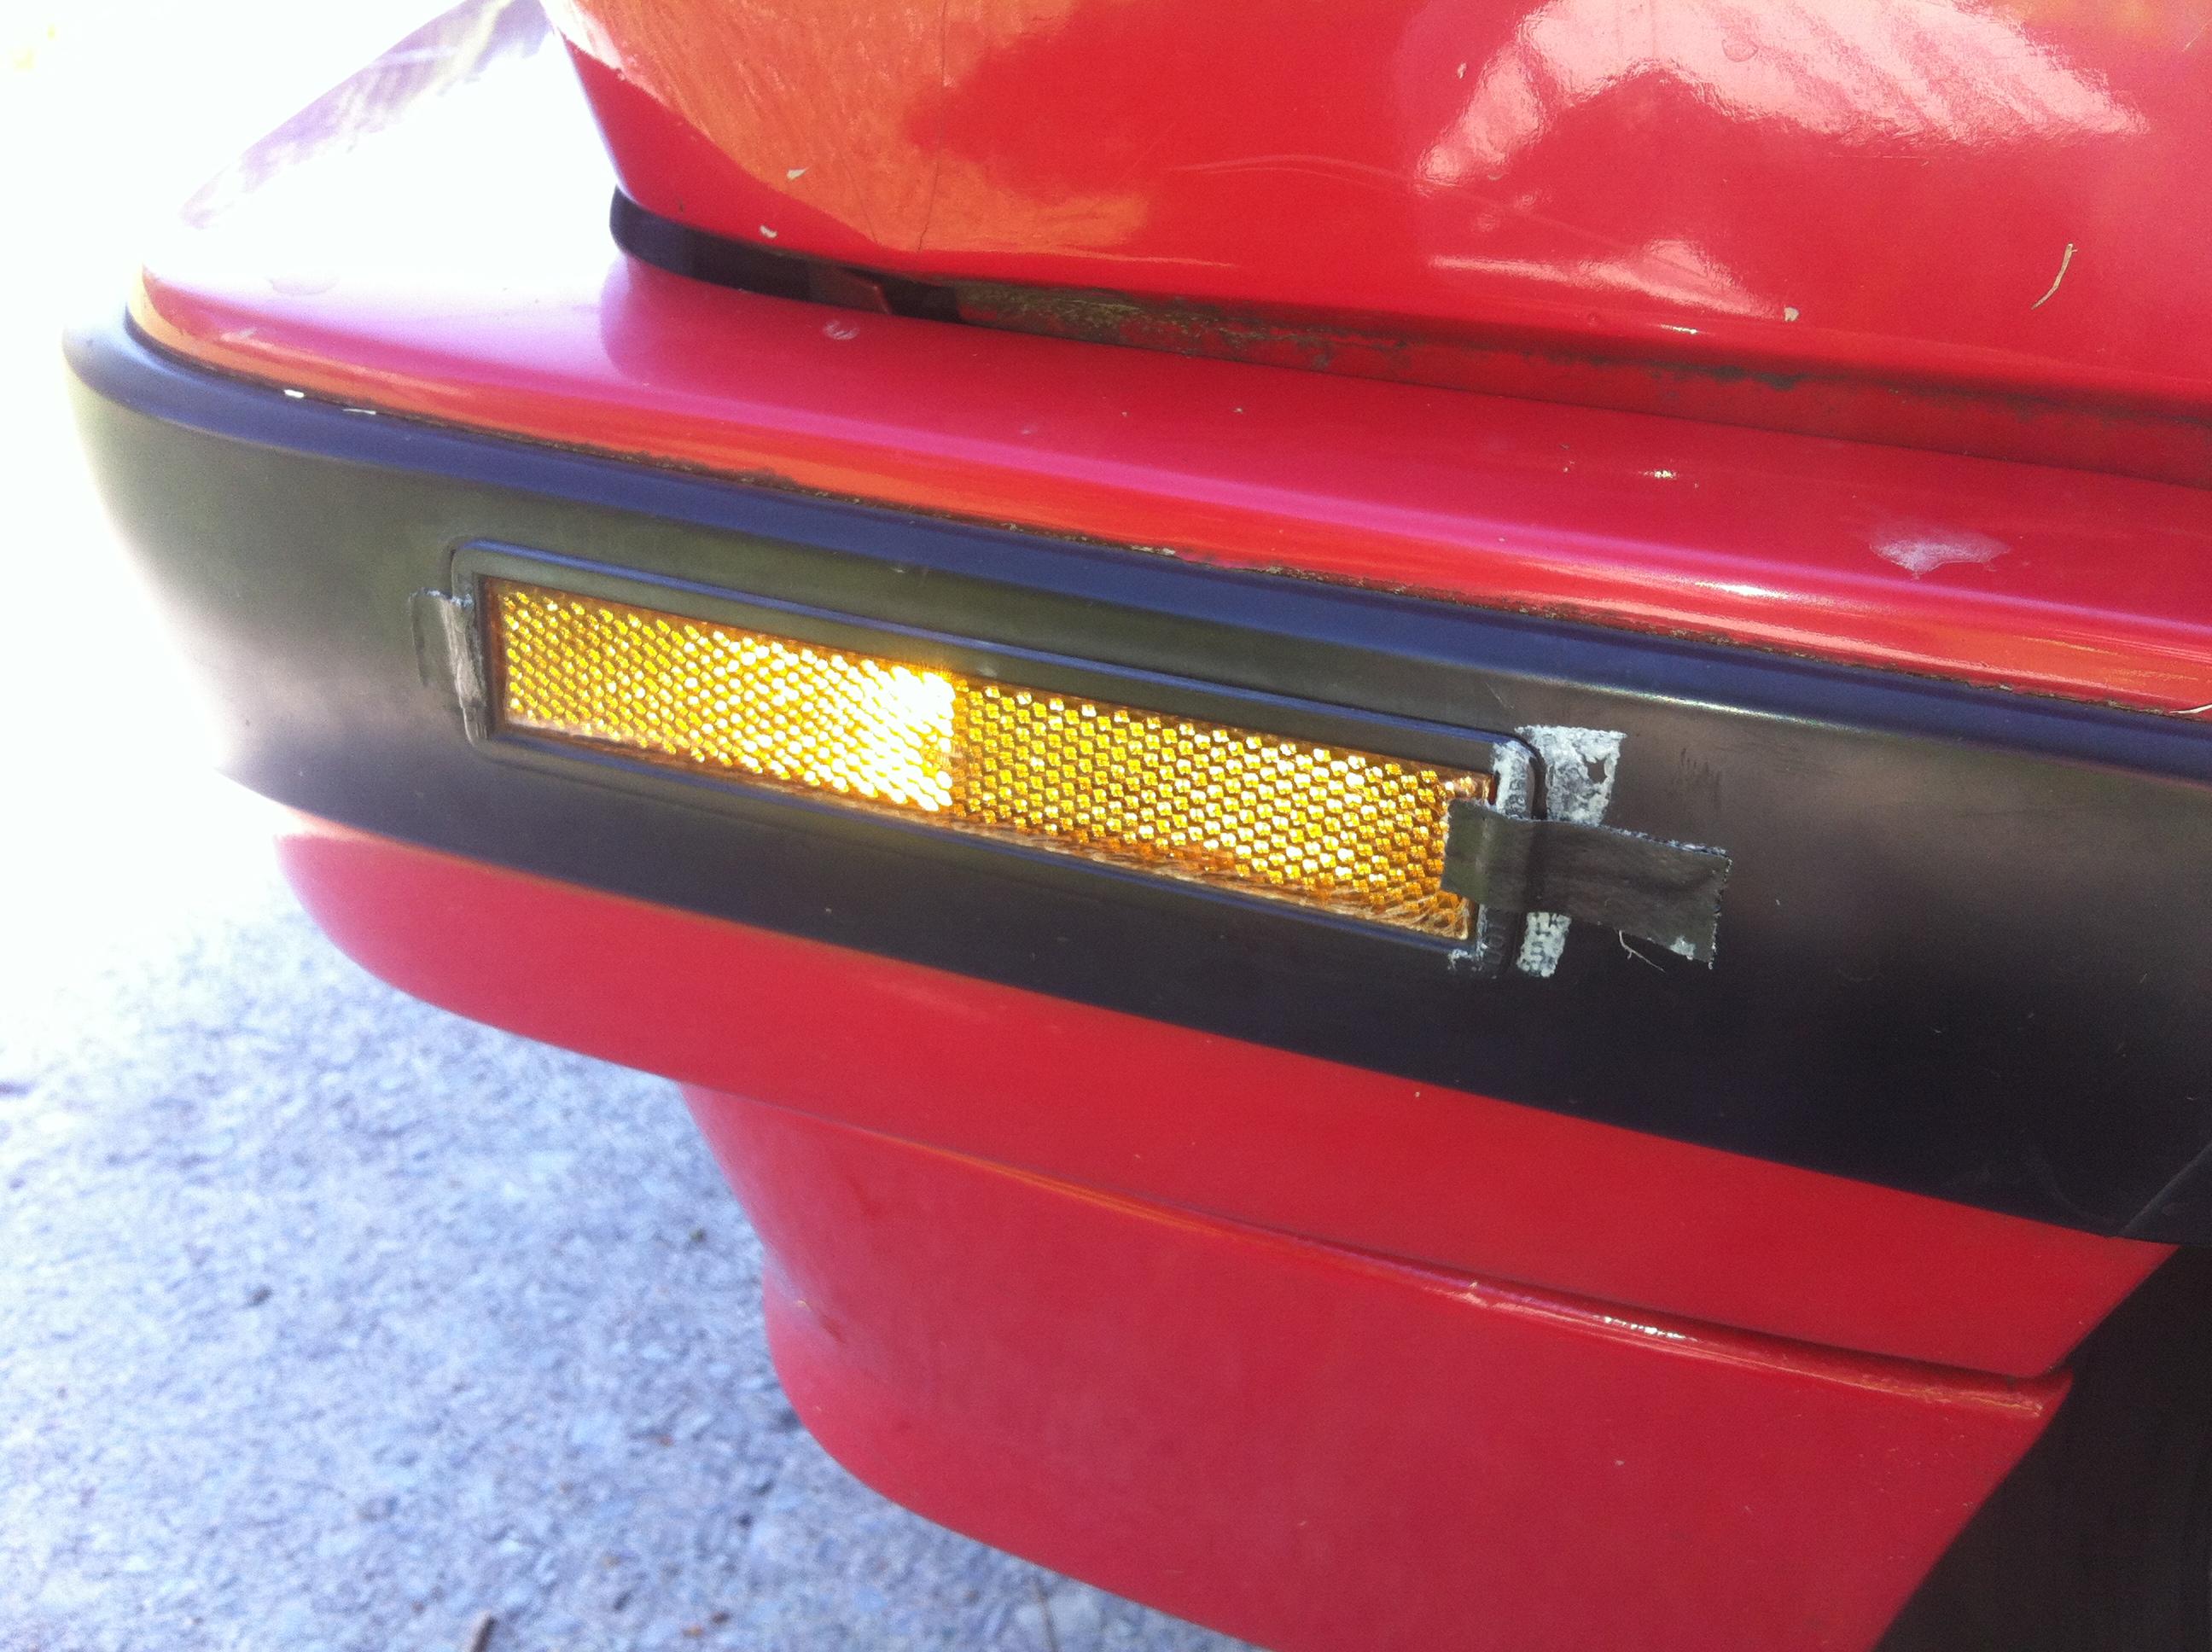 How I fixed my 1990 BMW marker light